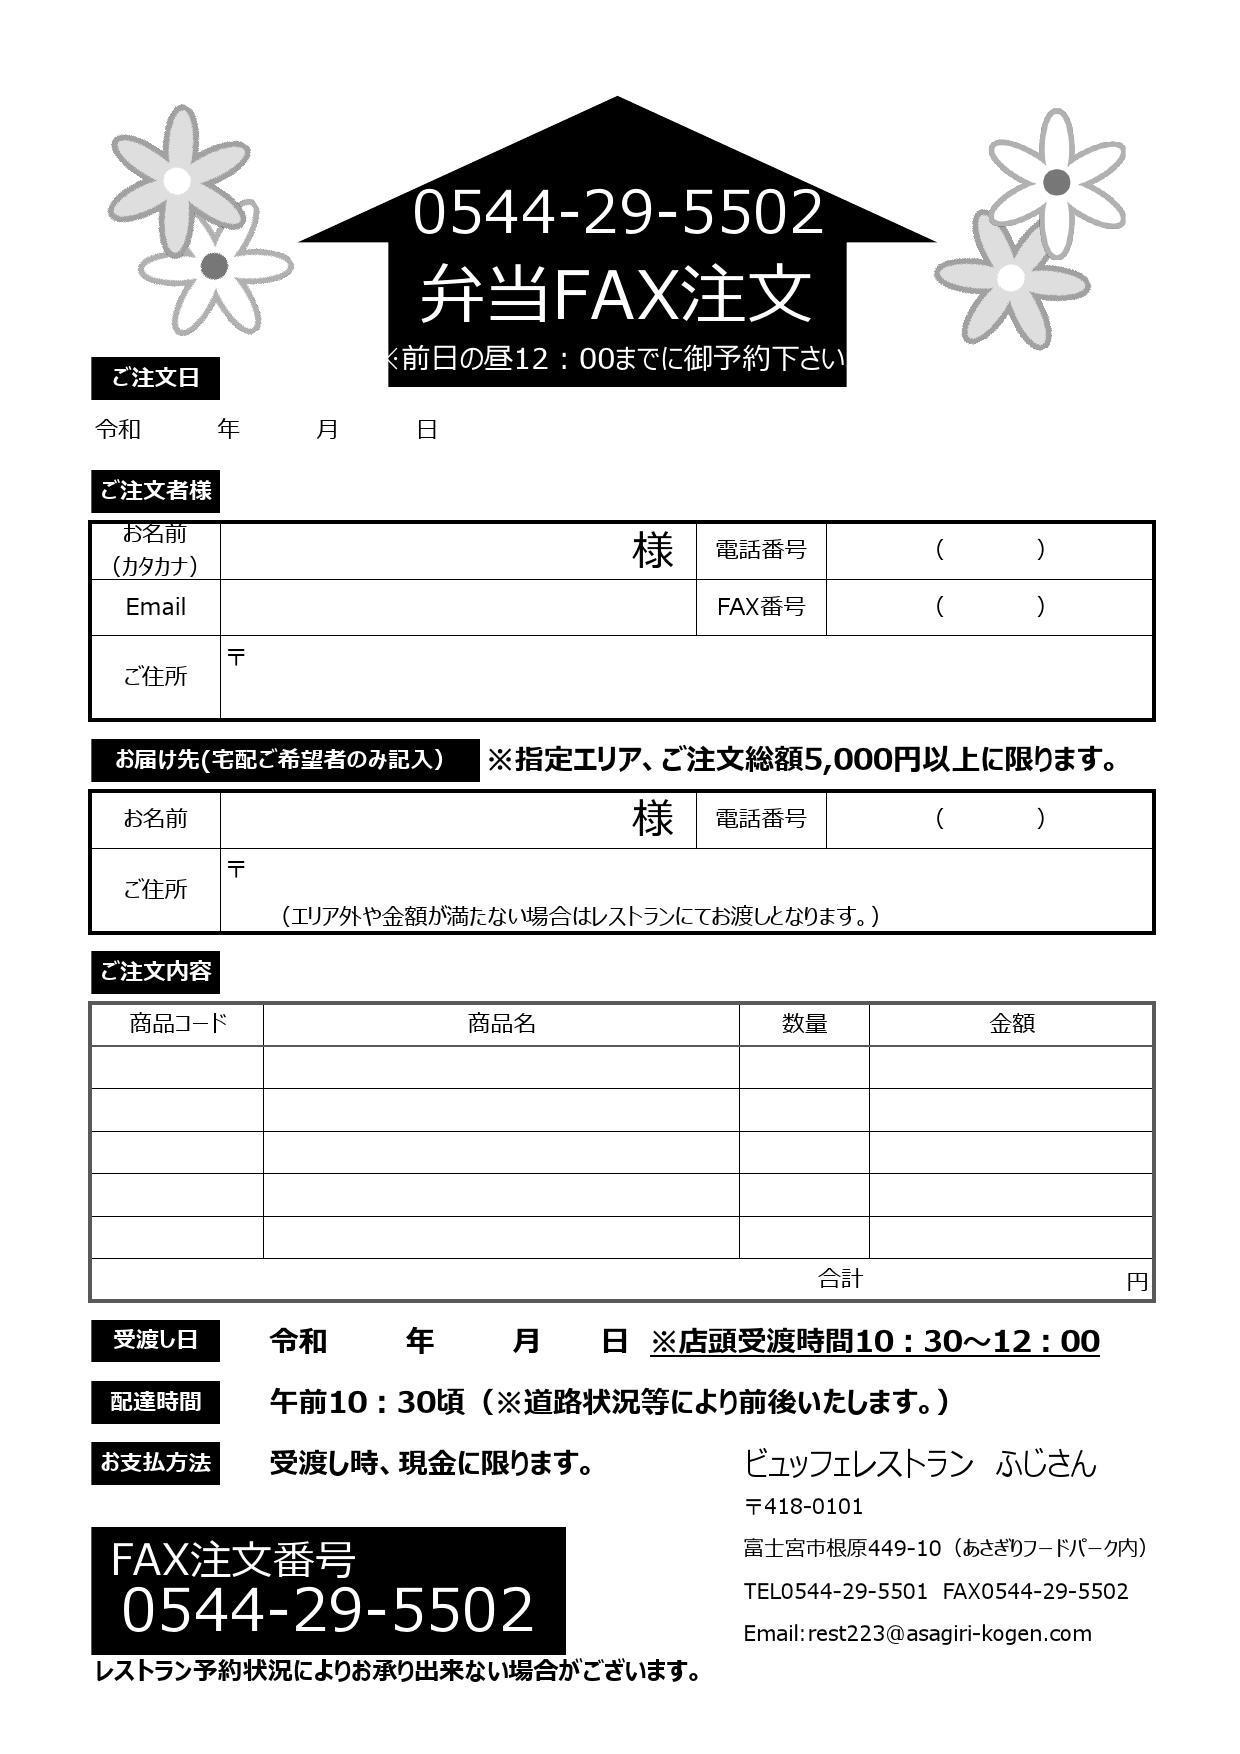 弁当FAX注文書_000001.jpg